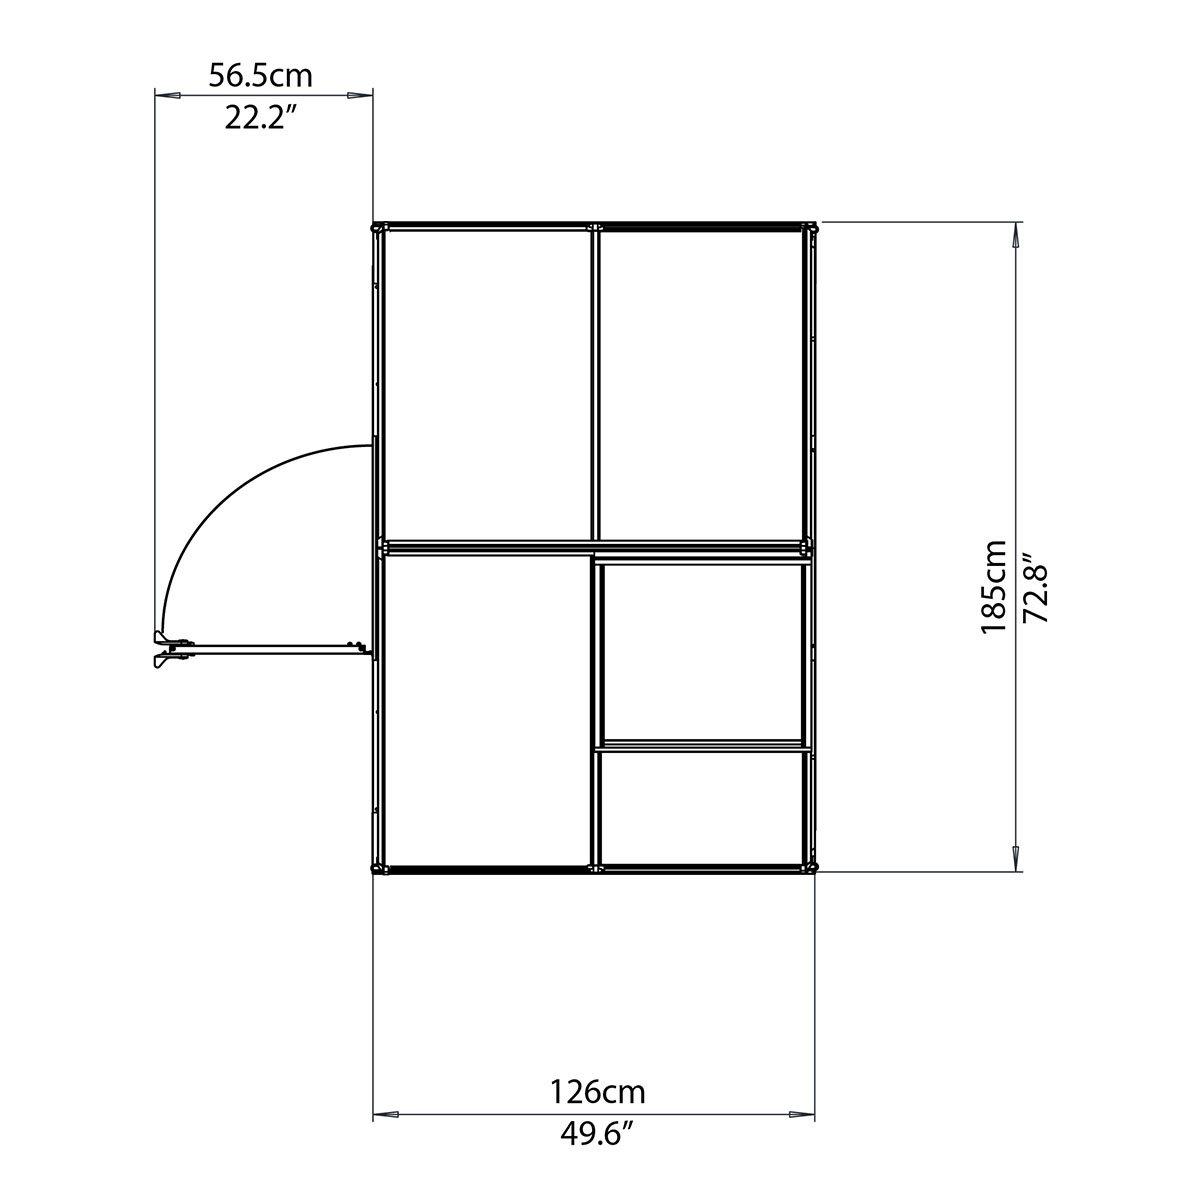 Gewächshaus Multi Line 6 x 4 inkl. Stahlfundament | #7